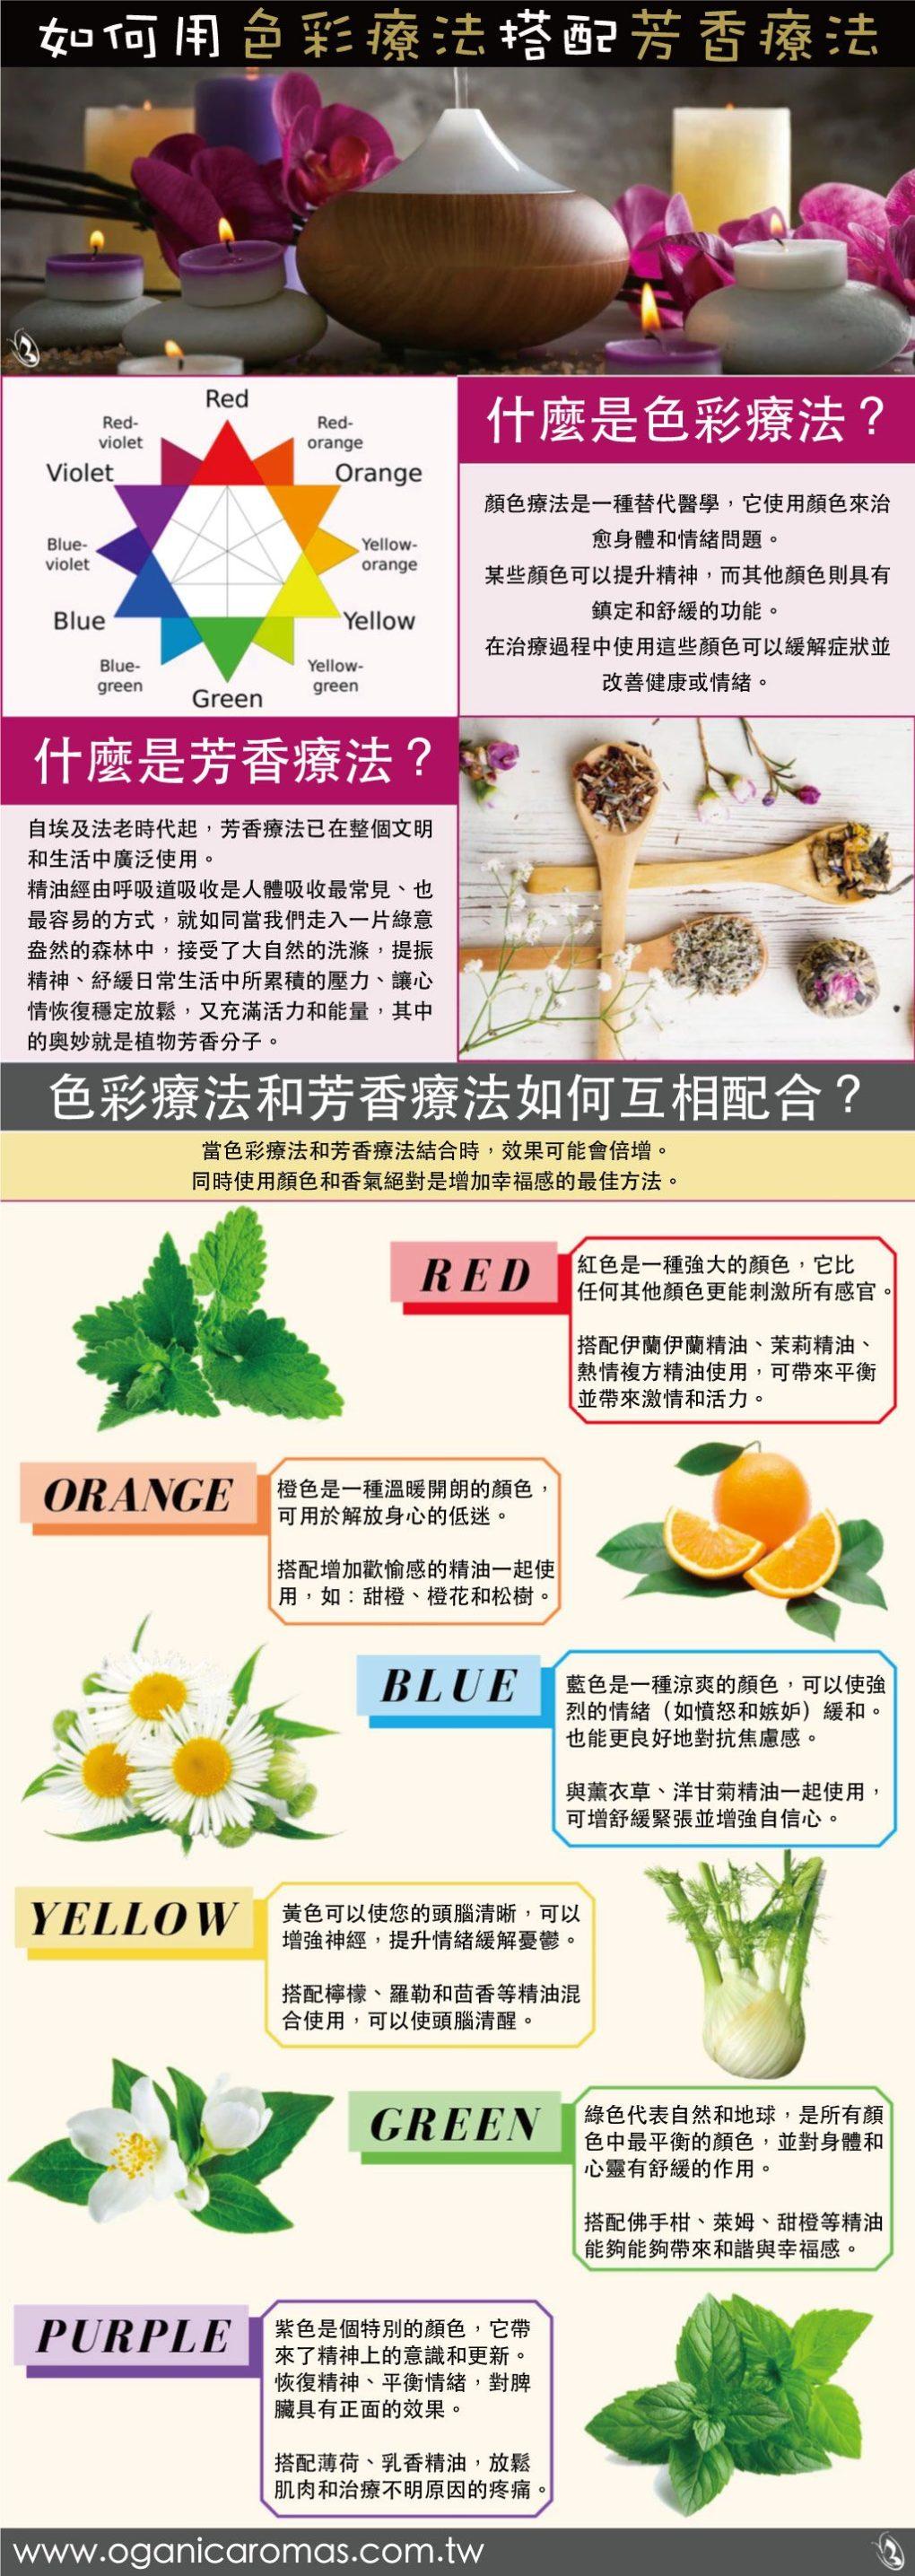 色彩療法與芳香療法